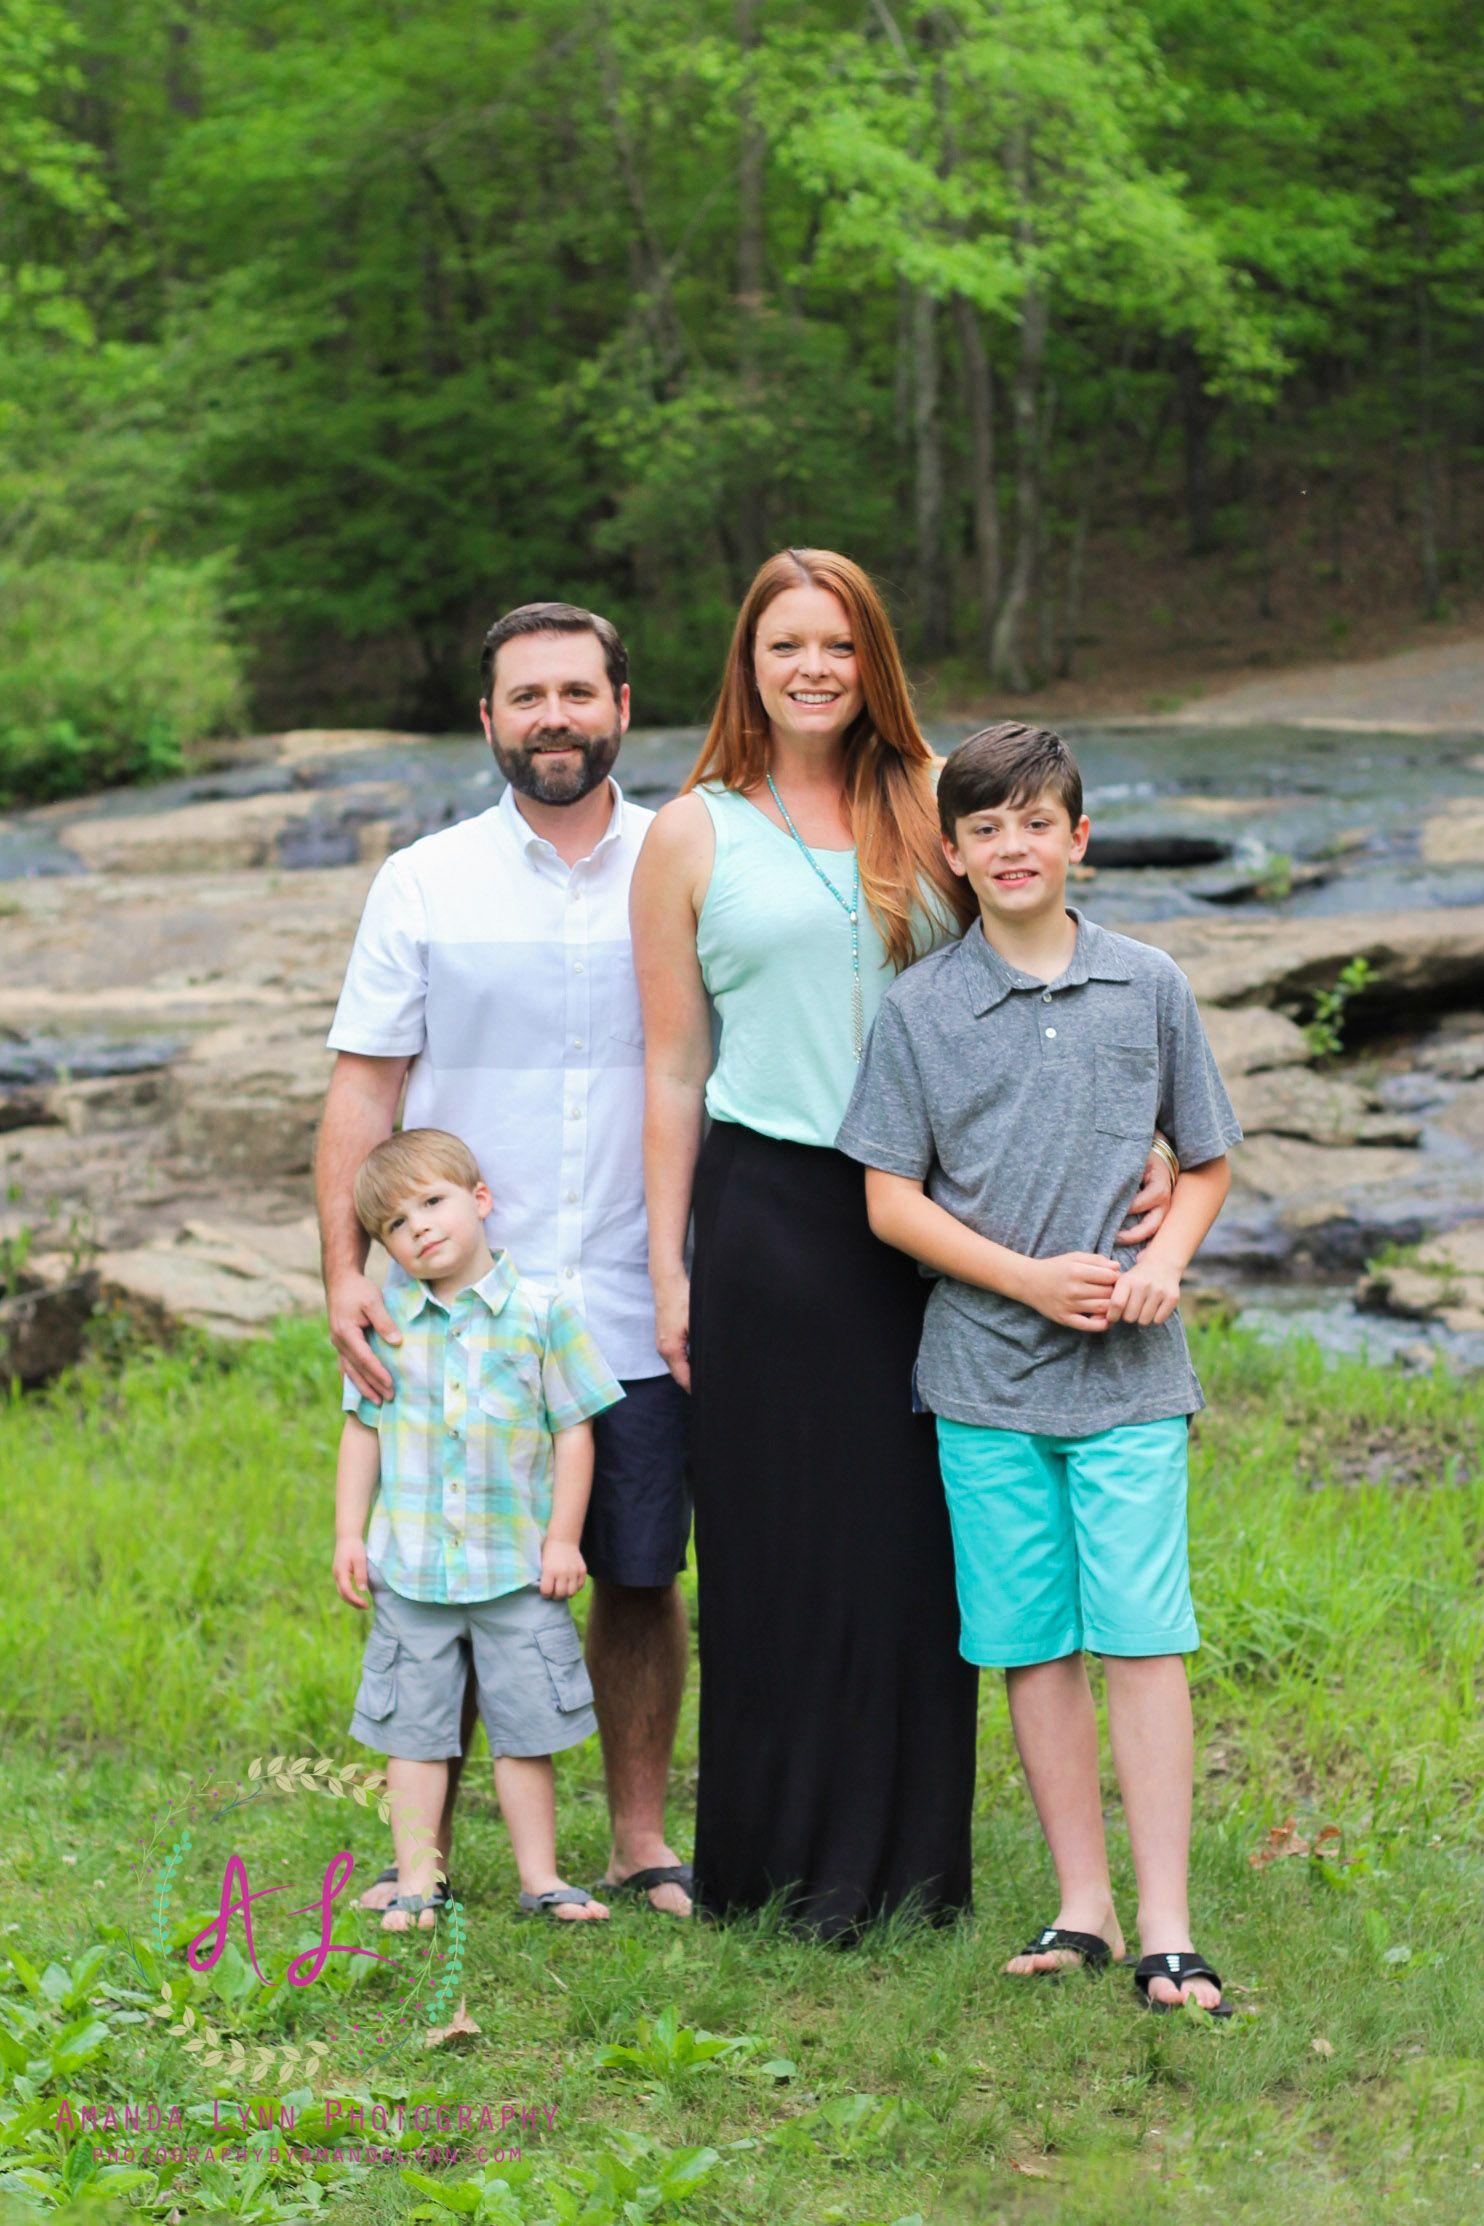 amanda lynn photography fall family photos amanda lynn photography amanda lynn photography fall family